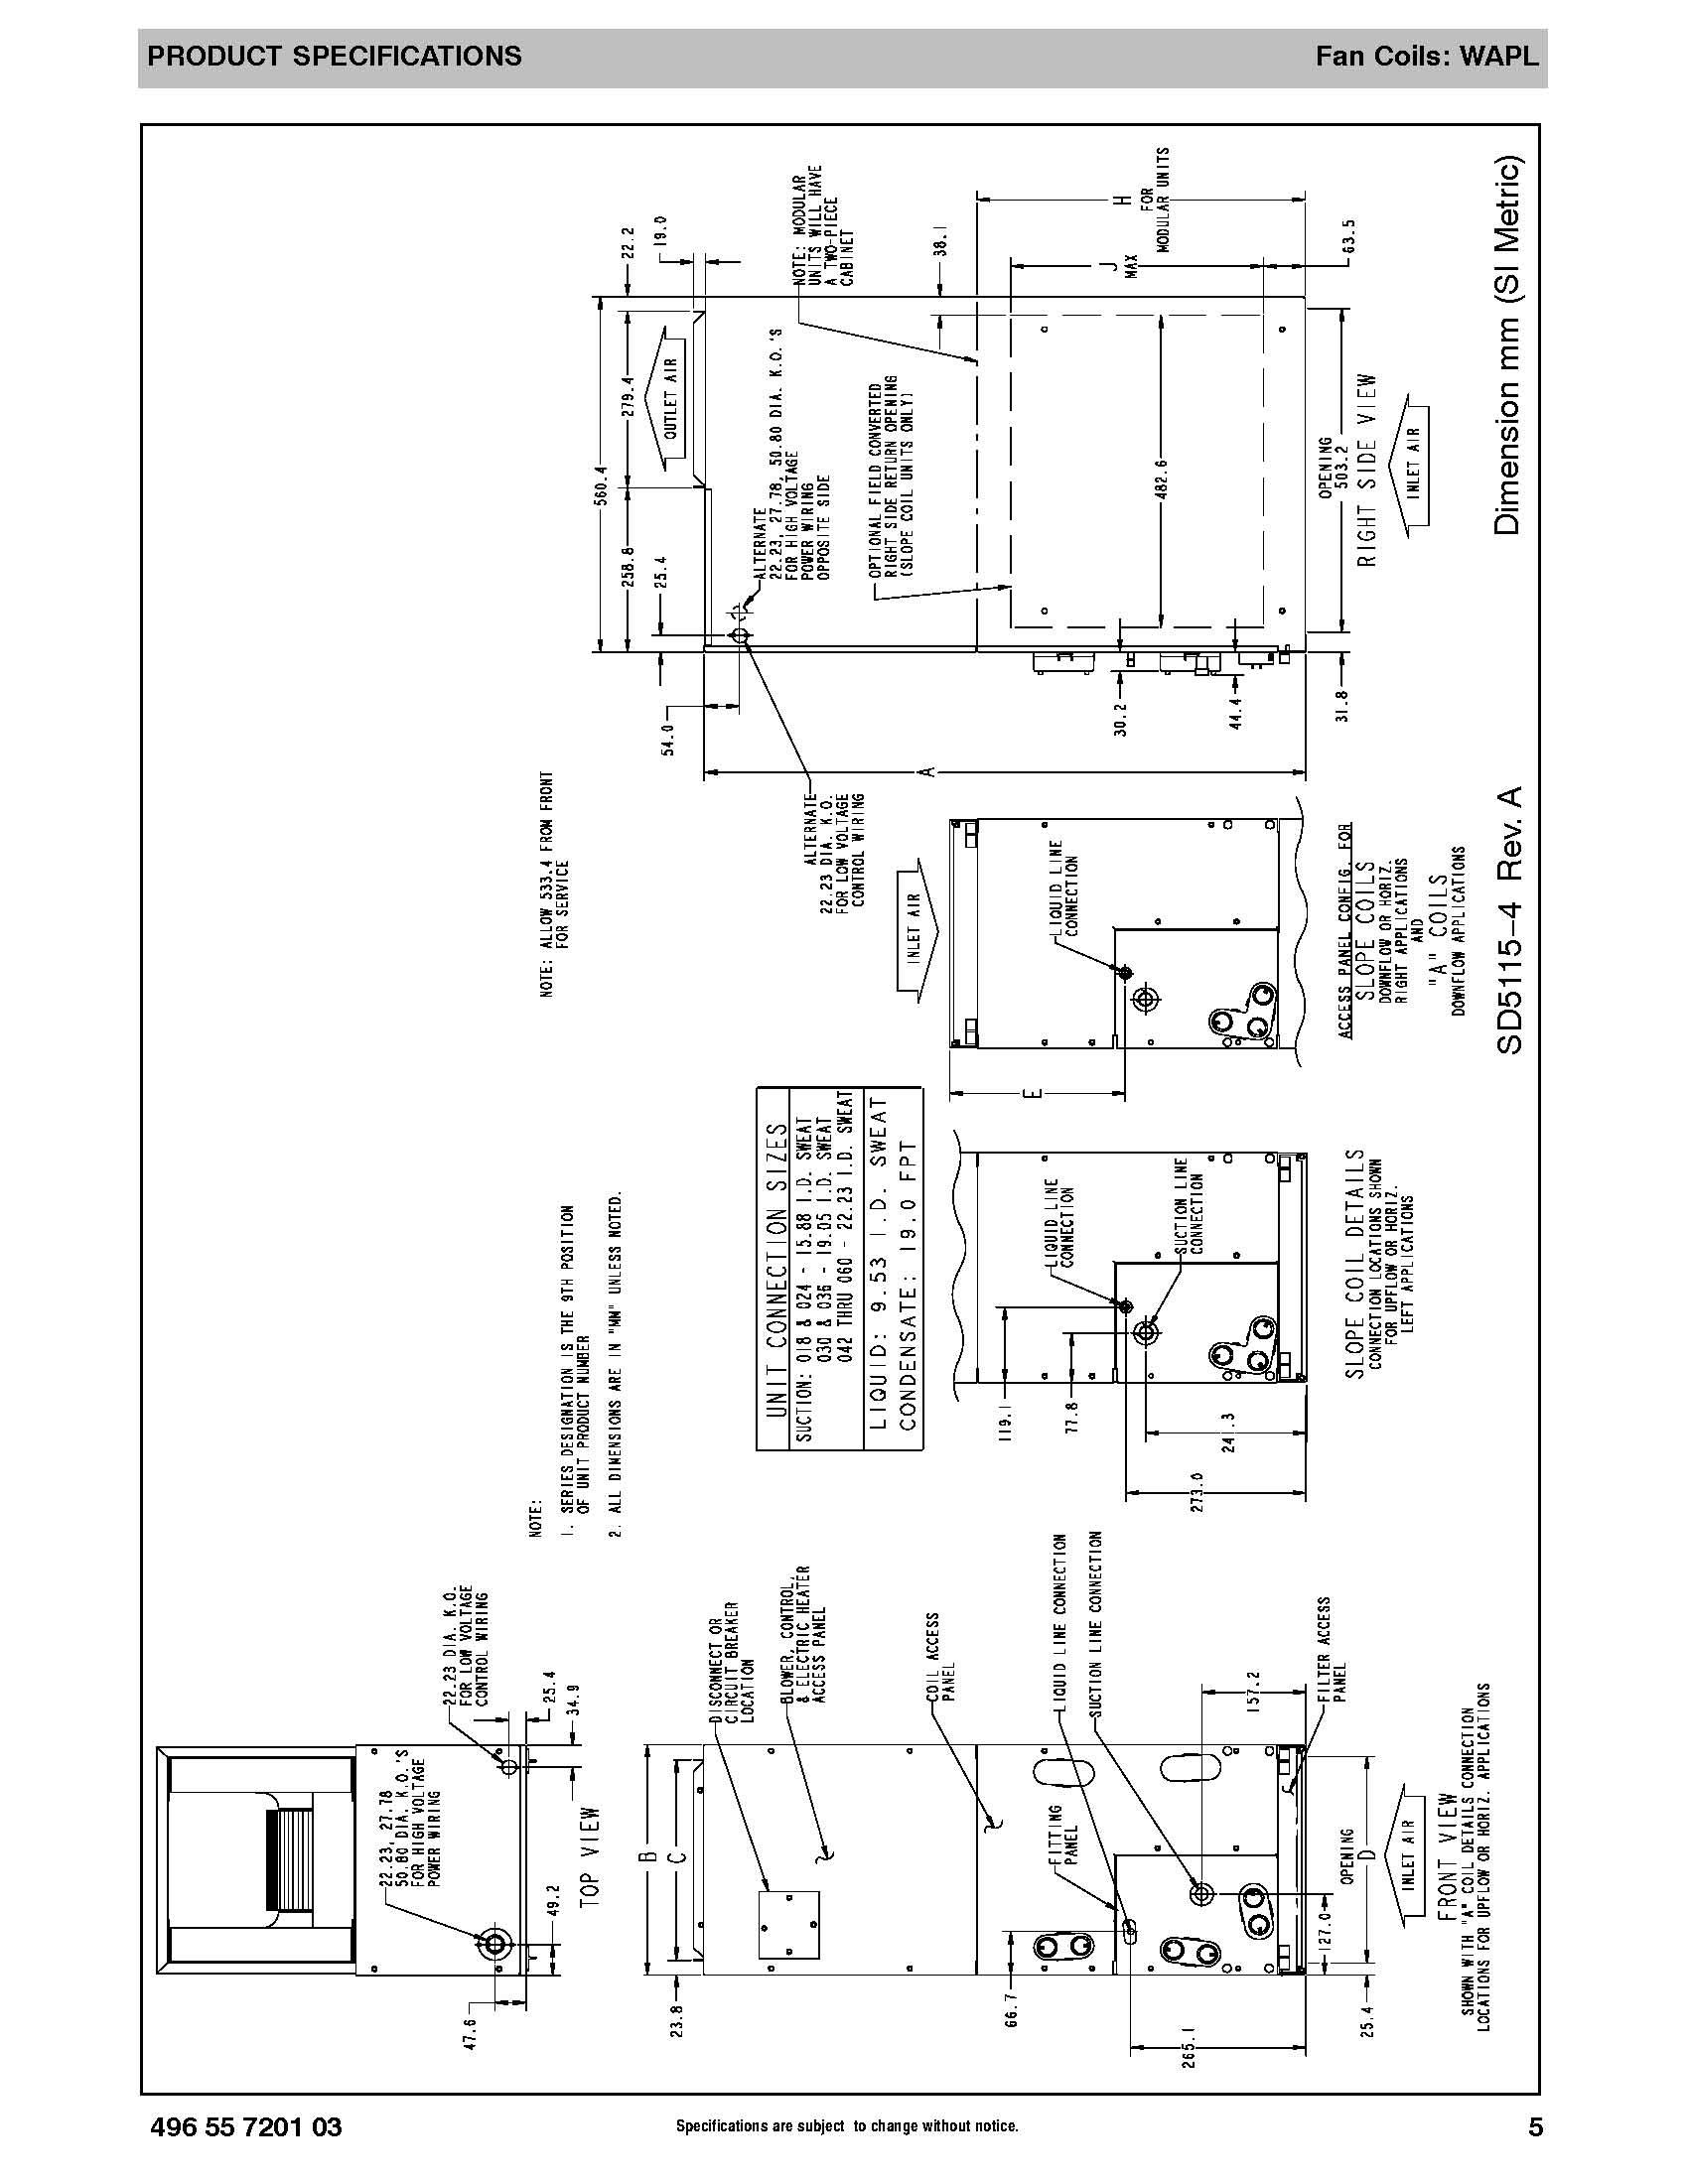 Grandaire 4 Ton ECM Motor Air Handler WAPL484A